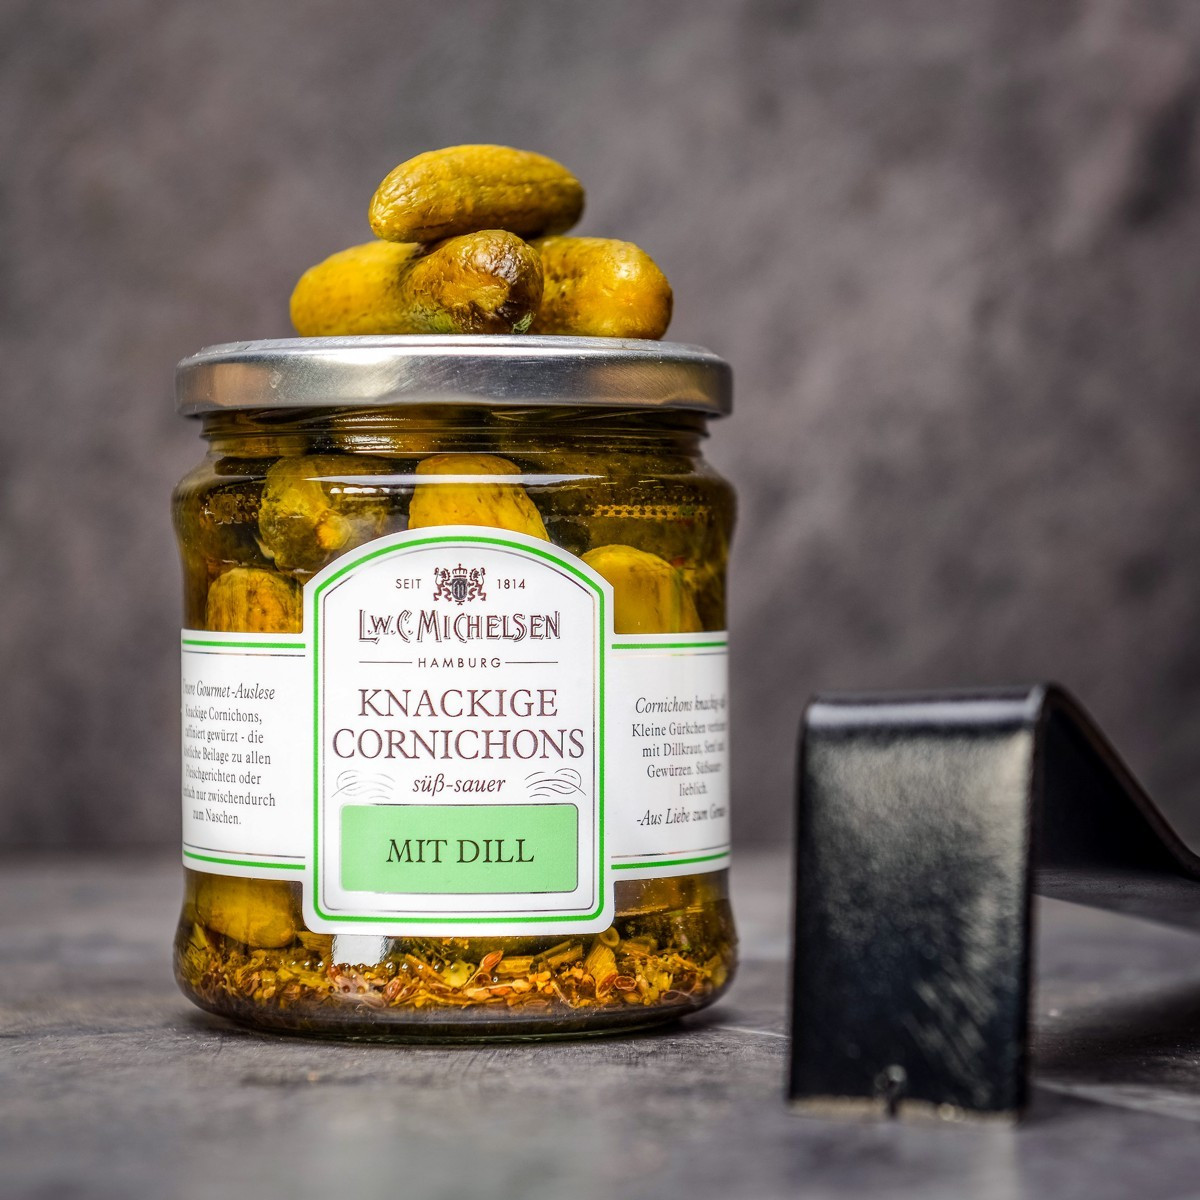 Knackige cornichons 330 g nakladane okurky.jpg